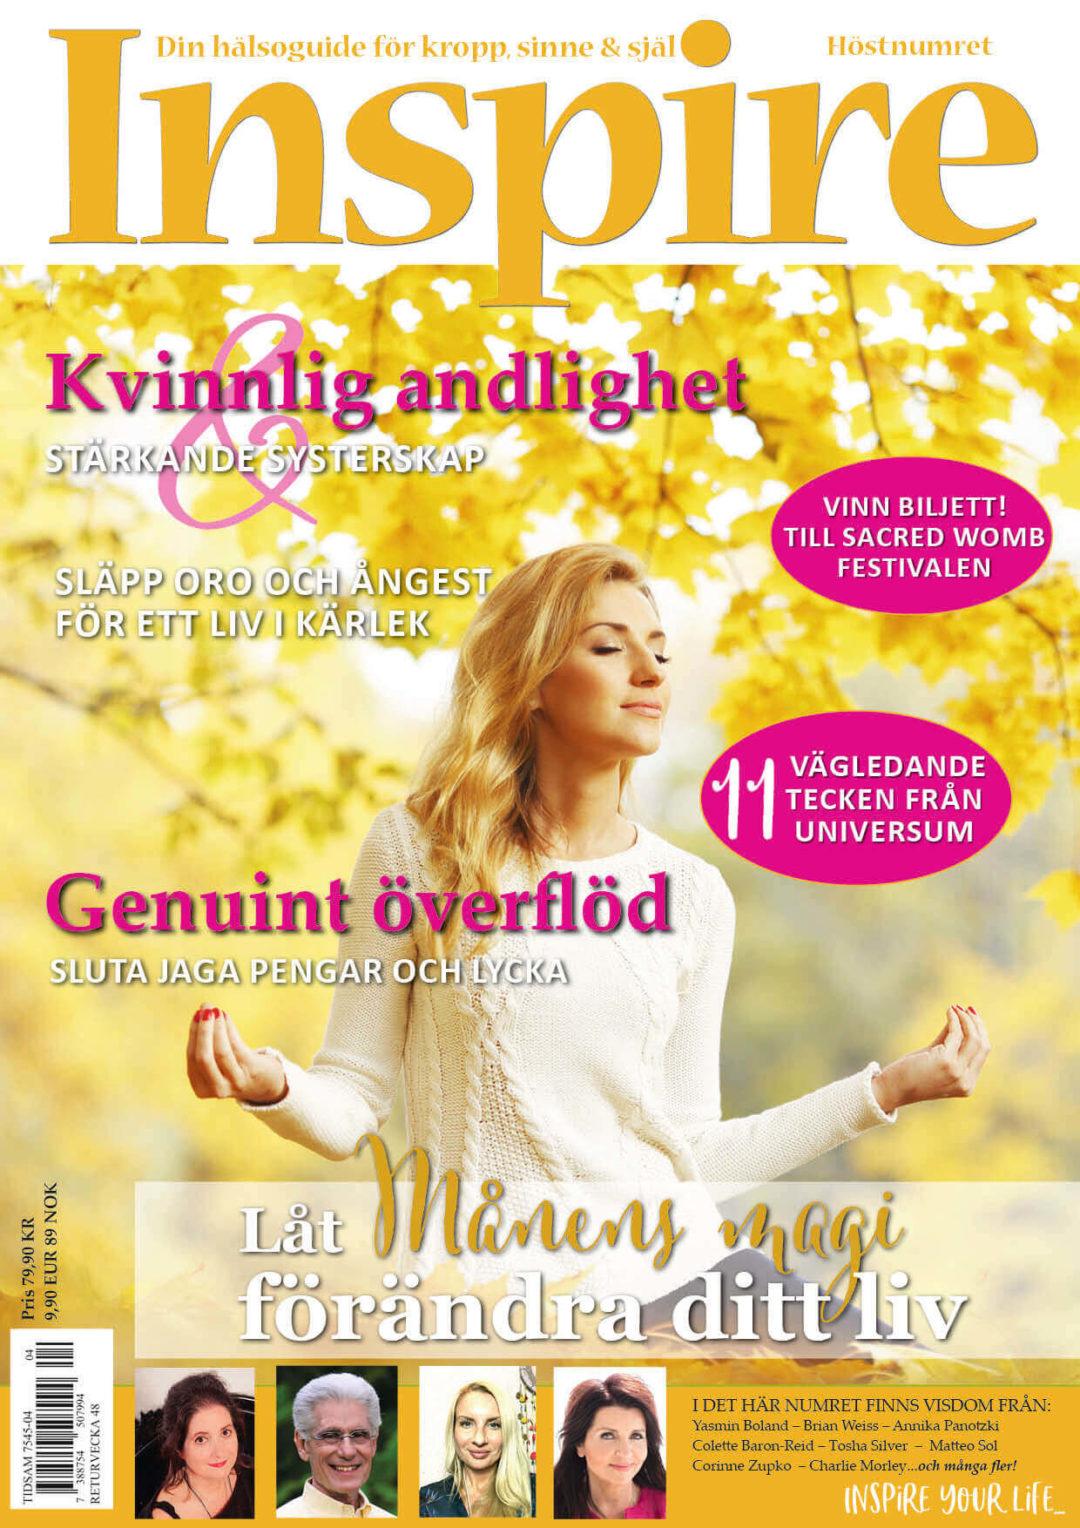 Zoës krönika, Inspire tidningen, september 2019